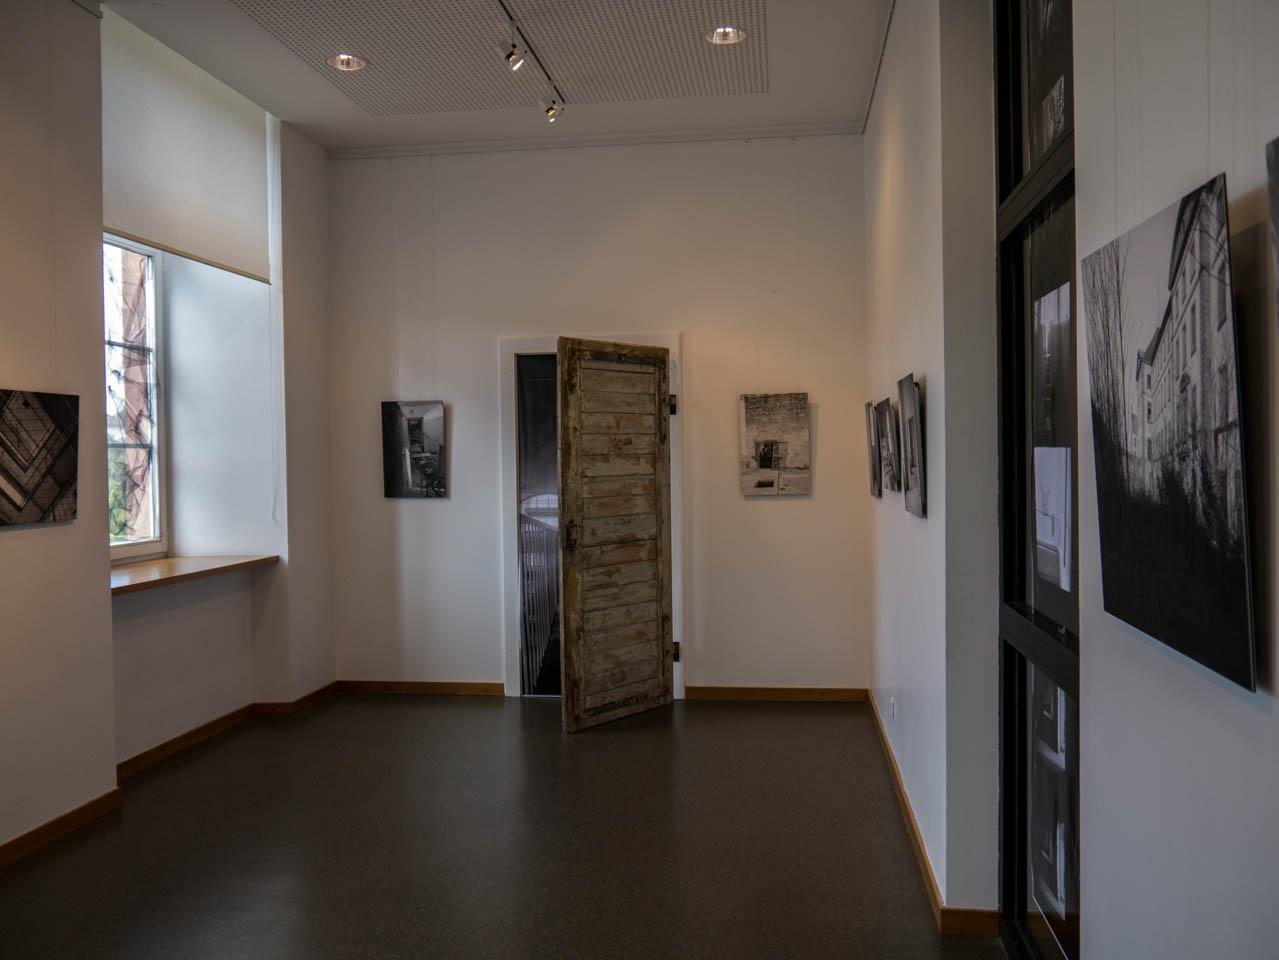 Fotoausstellung (1 von 1)